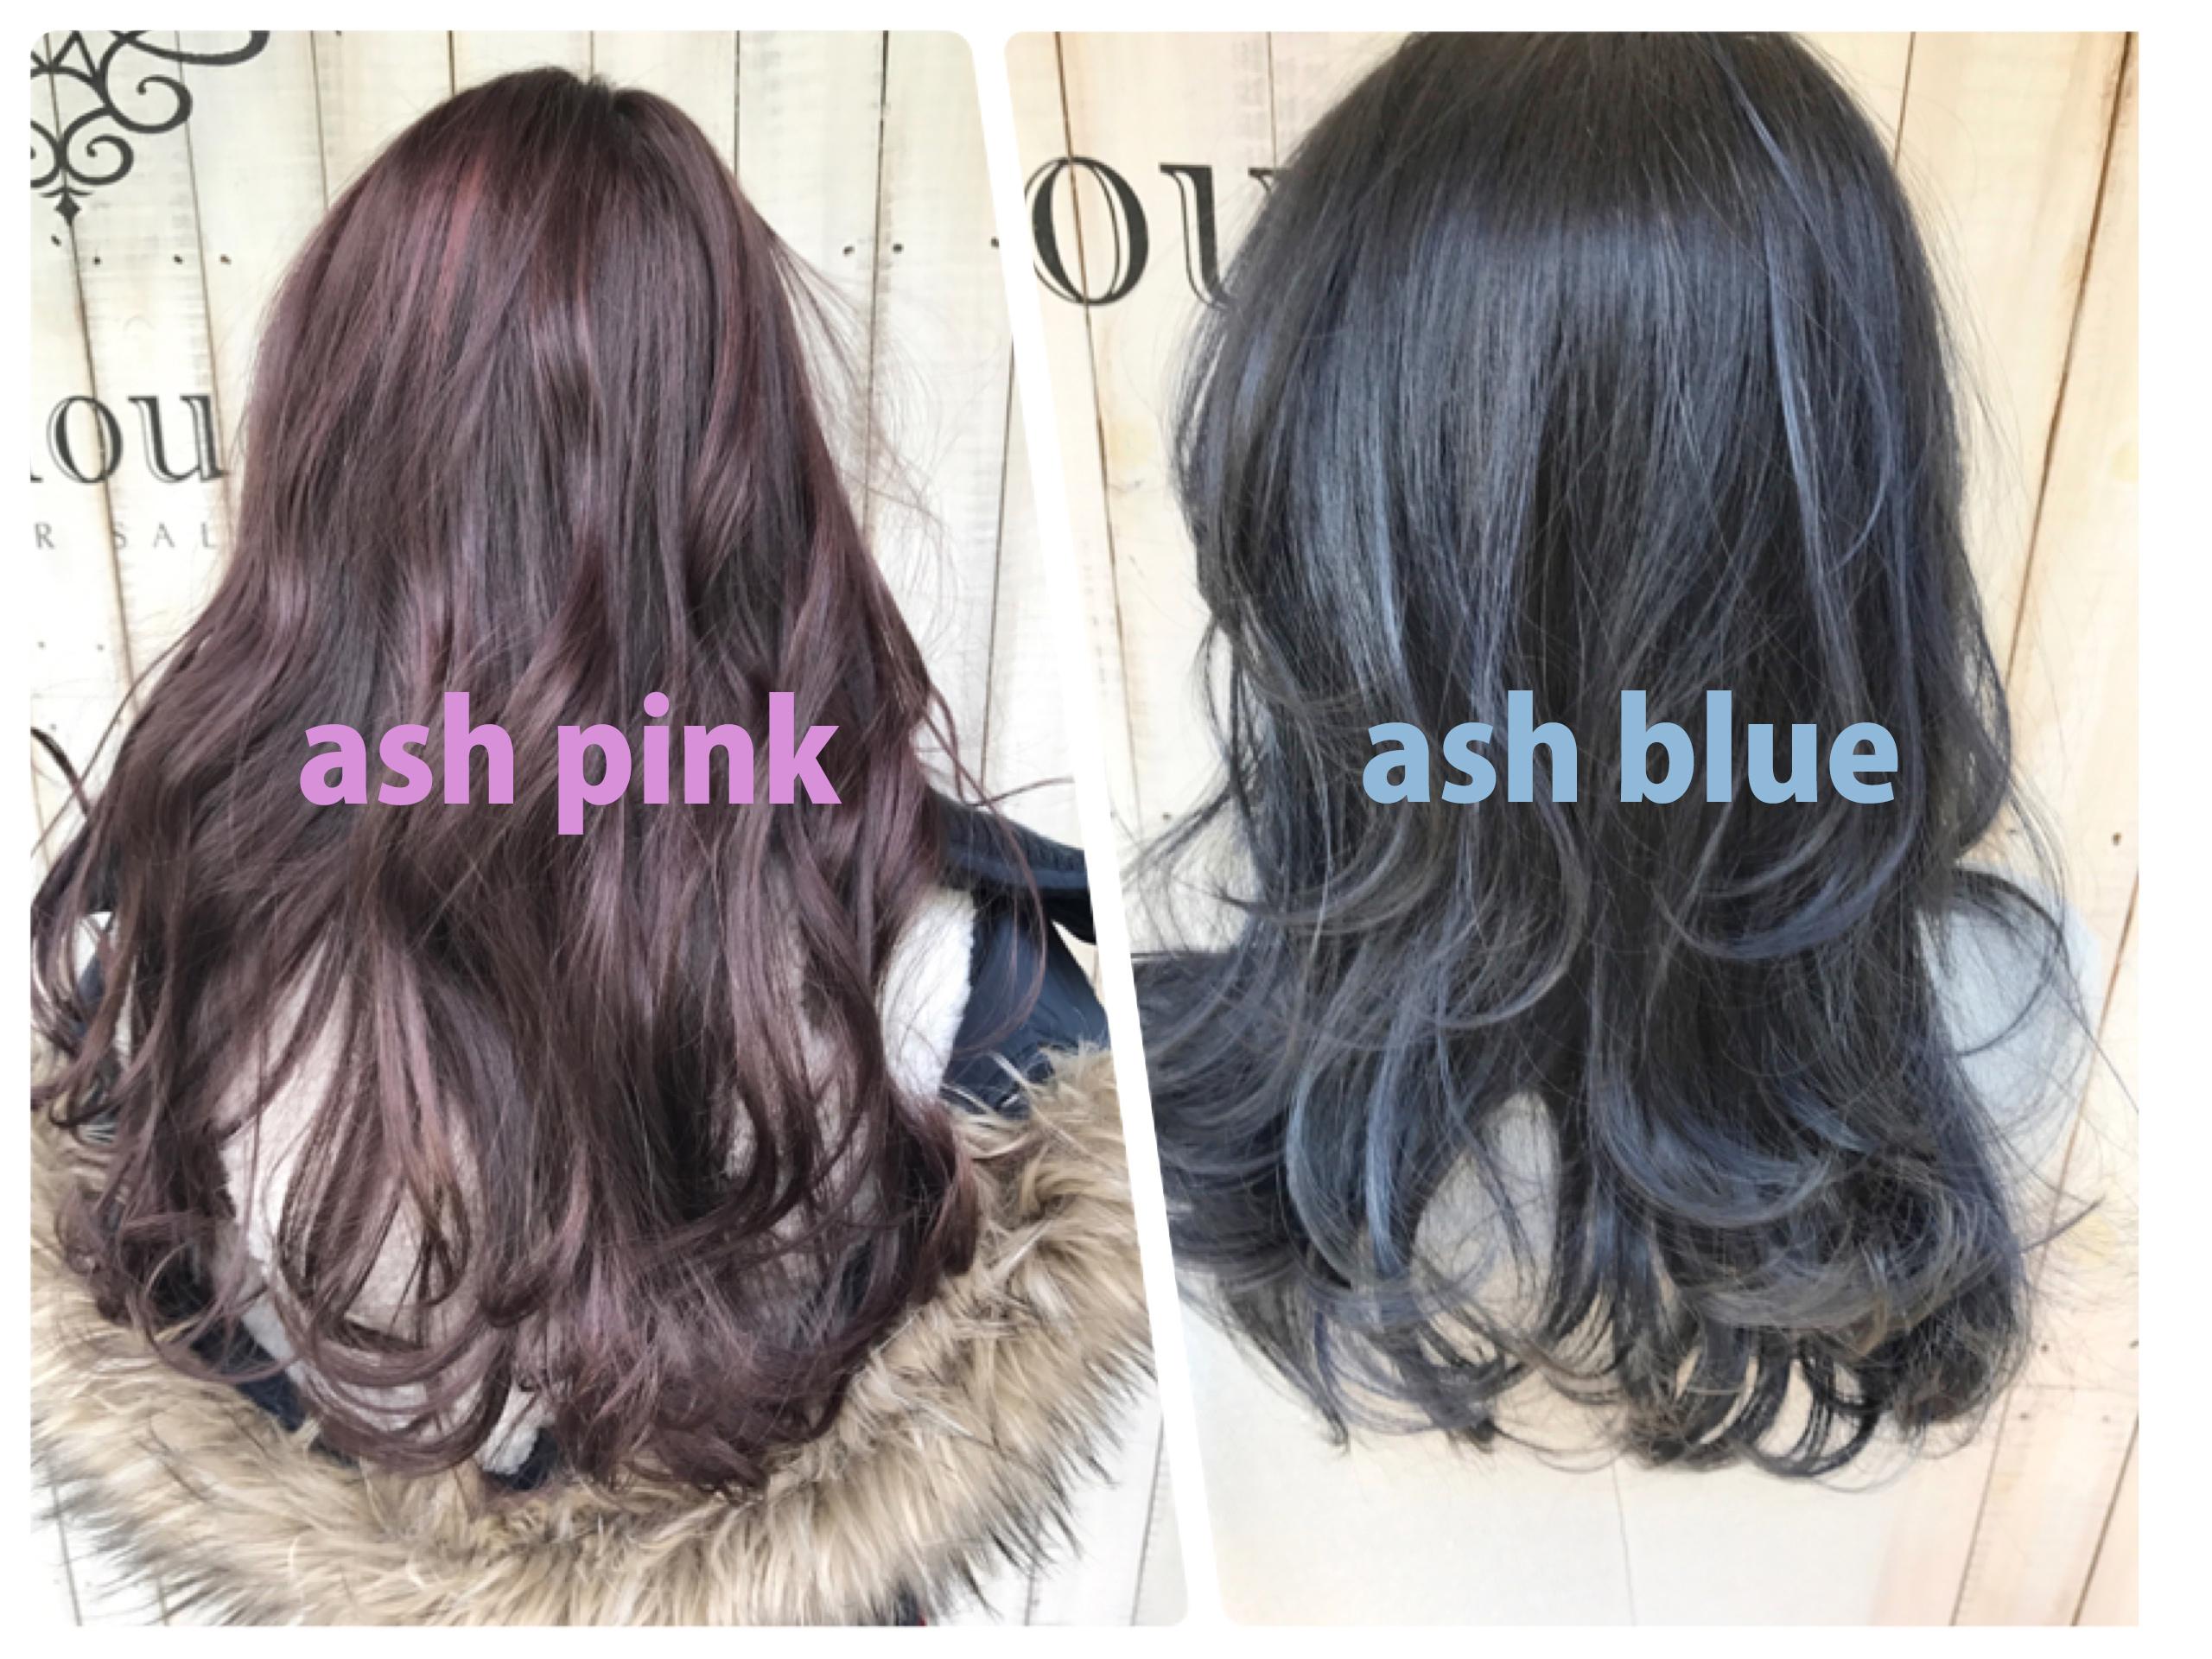 アッシュピンクやアッシュブルーなどの色味を出すのに必要な地毛の明るさについて